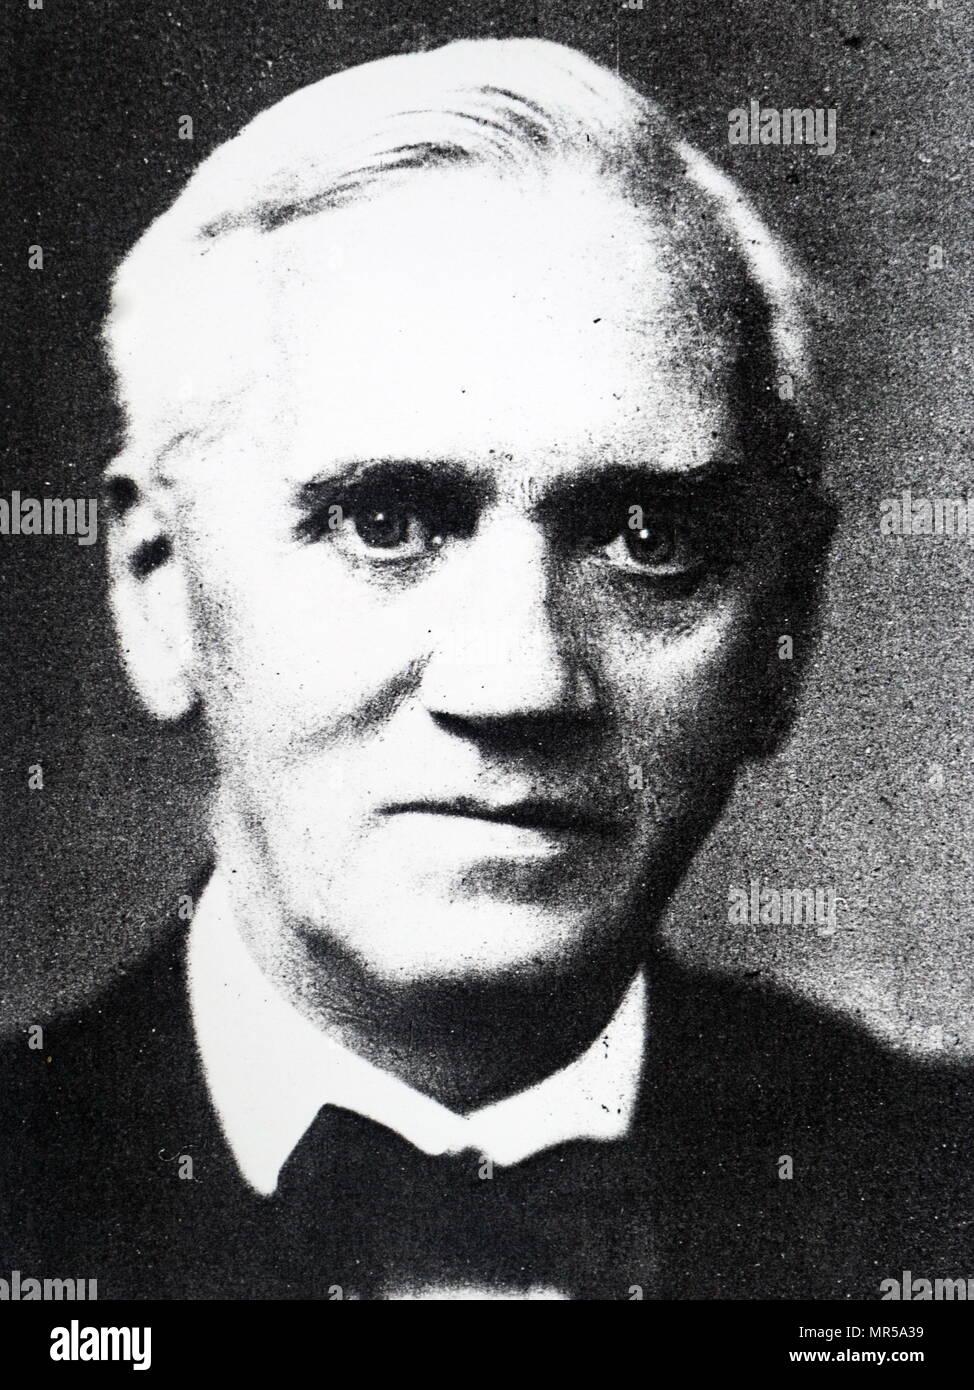 Photographie d'Alexander Fleming (1881-1955) un médecin écossais, microbiologiste, pharmacologue, et Prix Nobel de médecine en Prize-Winner. En date du 20e siècle Photo Stock